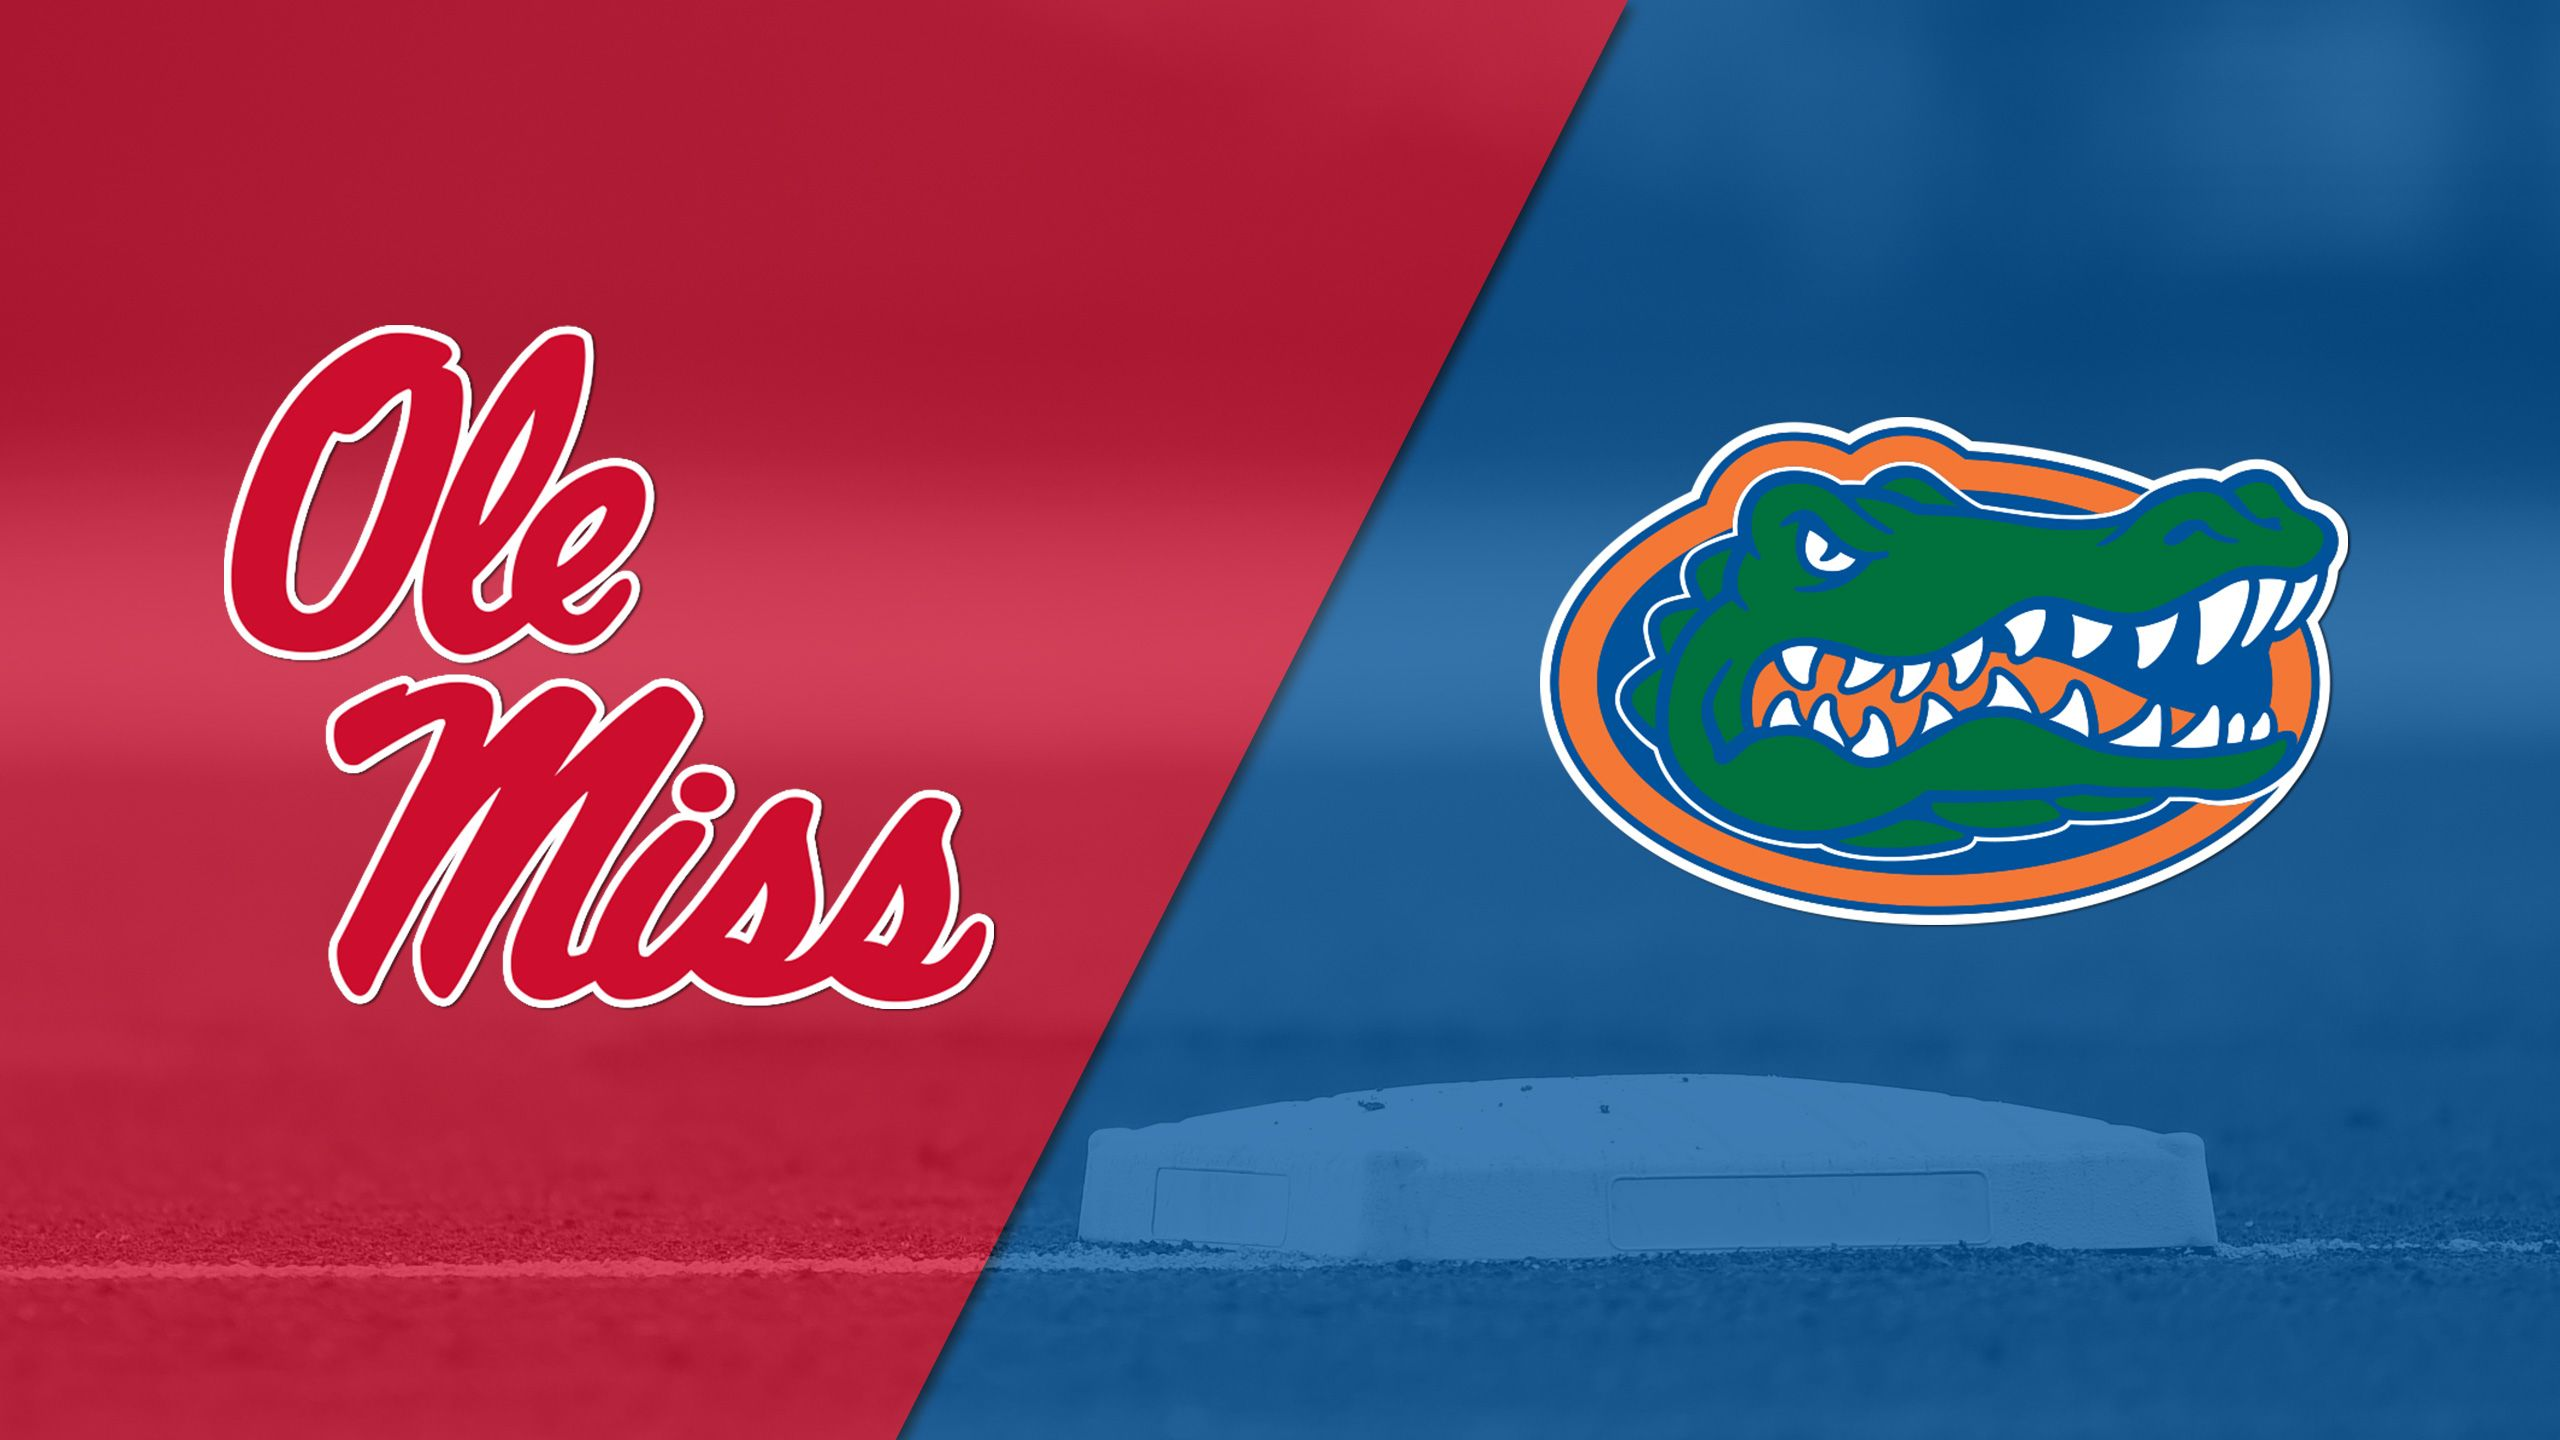 #20 Ole Miss vs. #1 Florida (Softball)